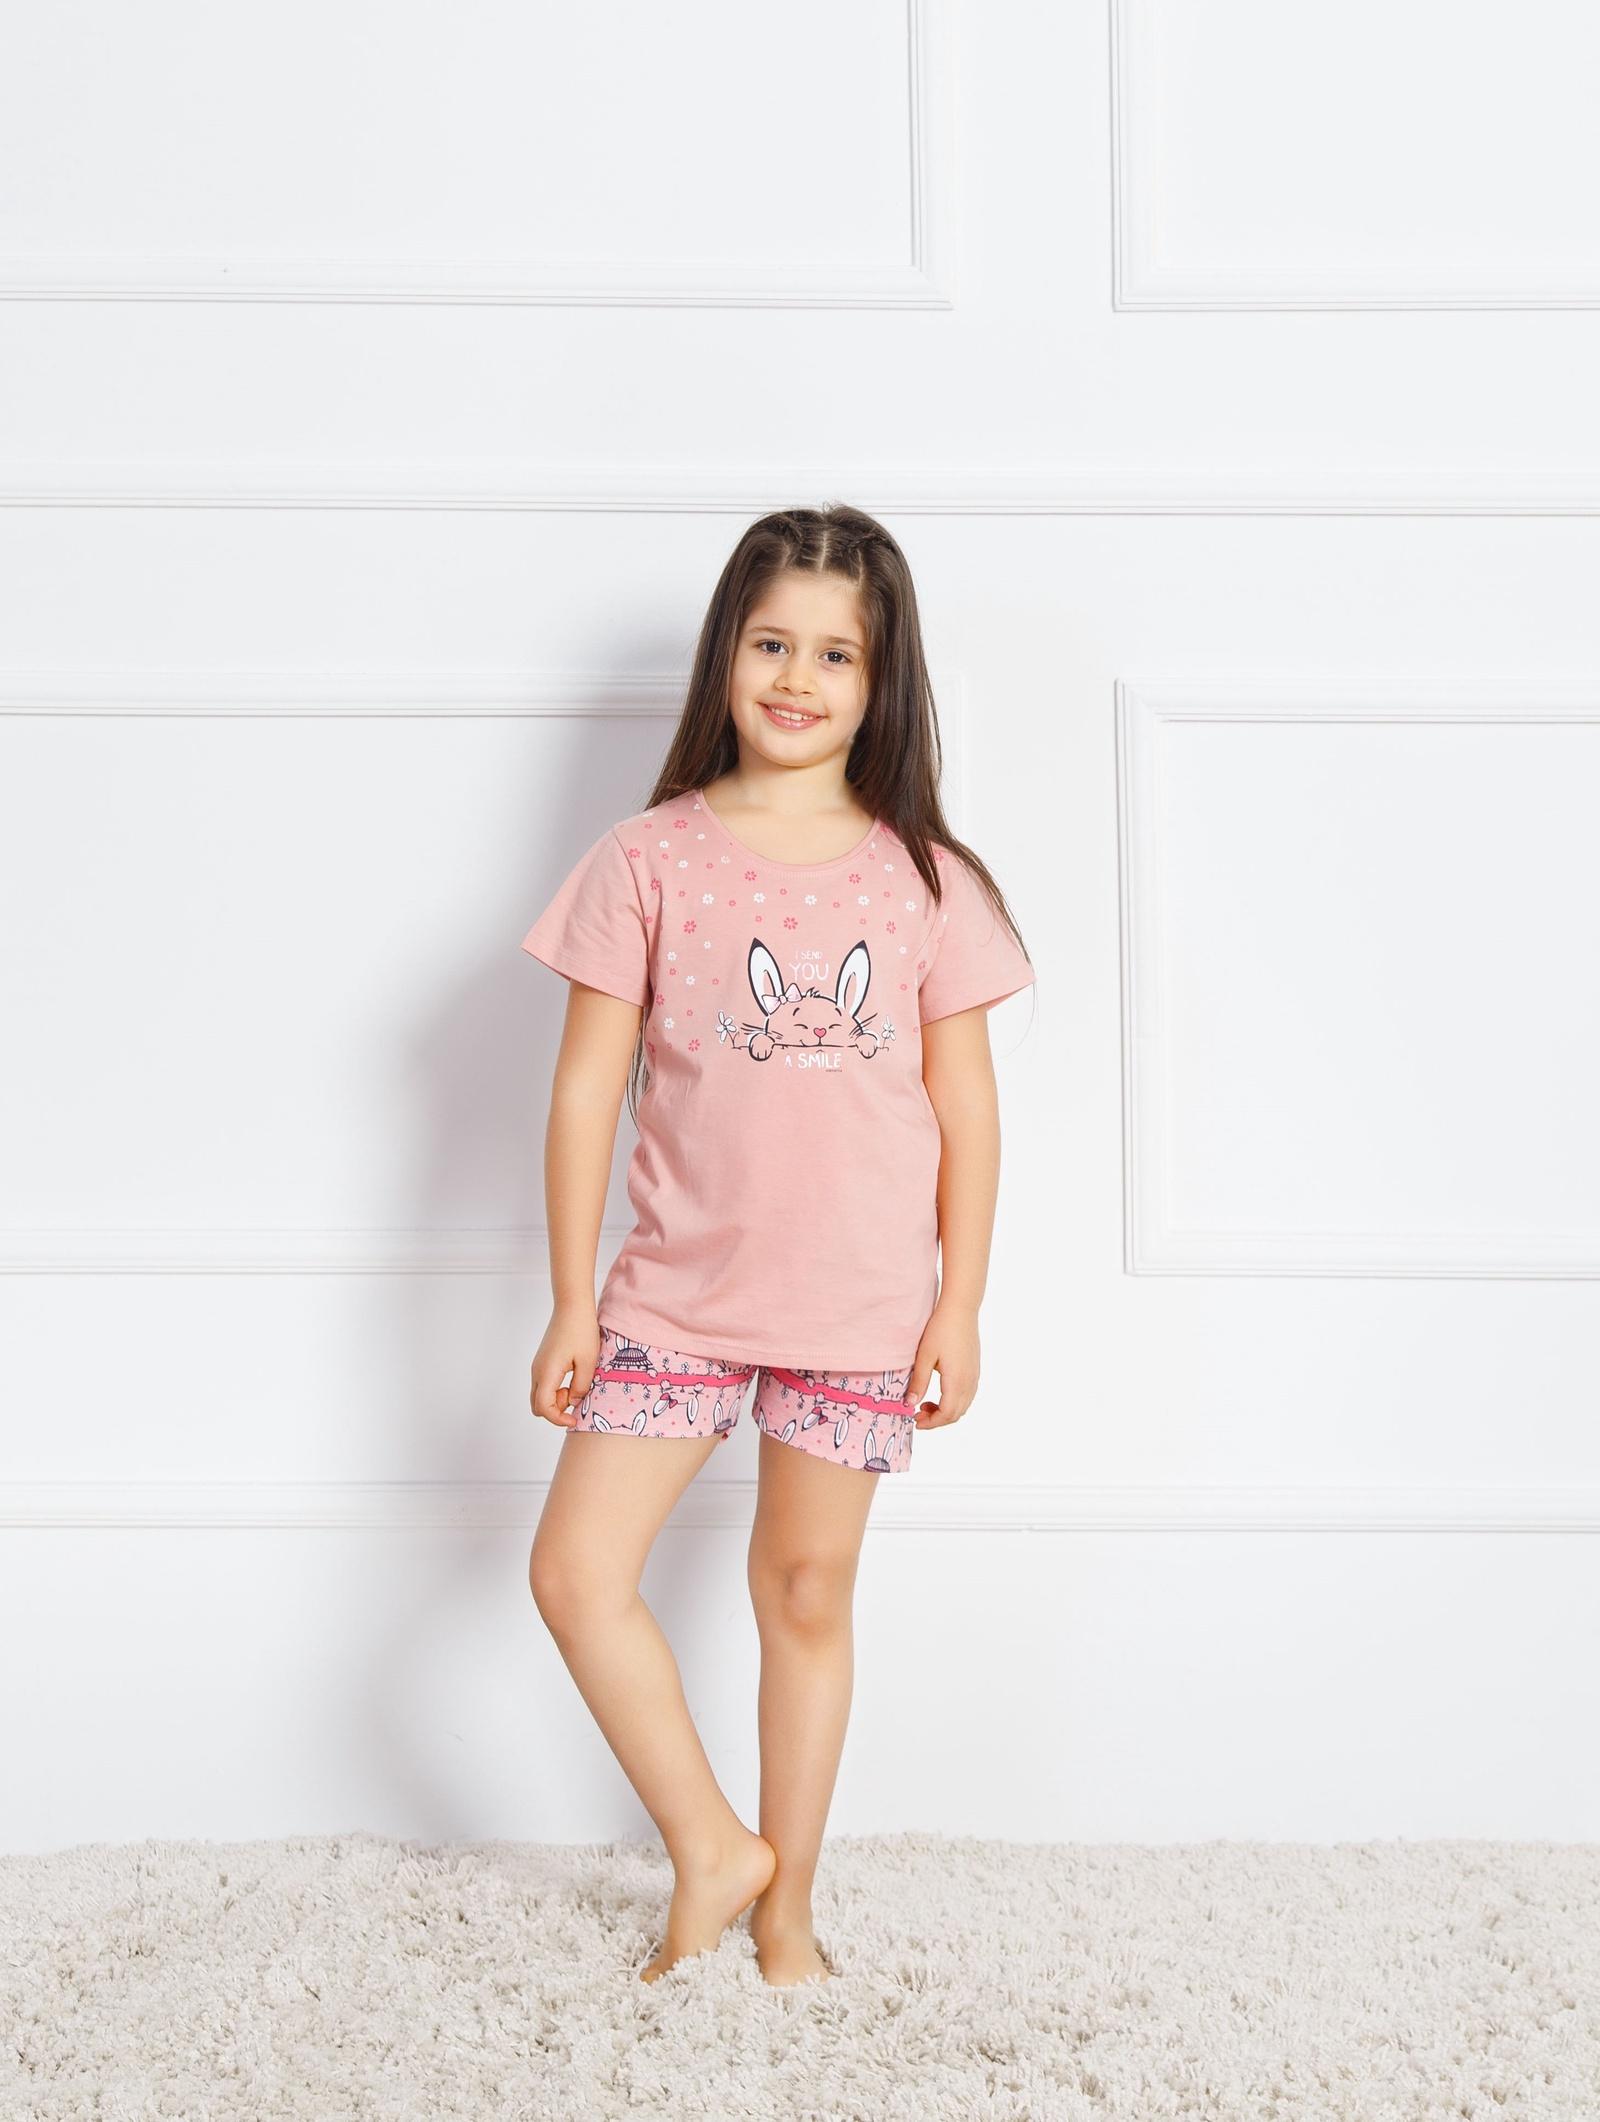 Комплект одежды Vienetta комплекты детской одежды goldy комплект для девочки туника и леггинсы 780 024 522